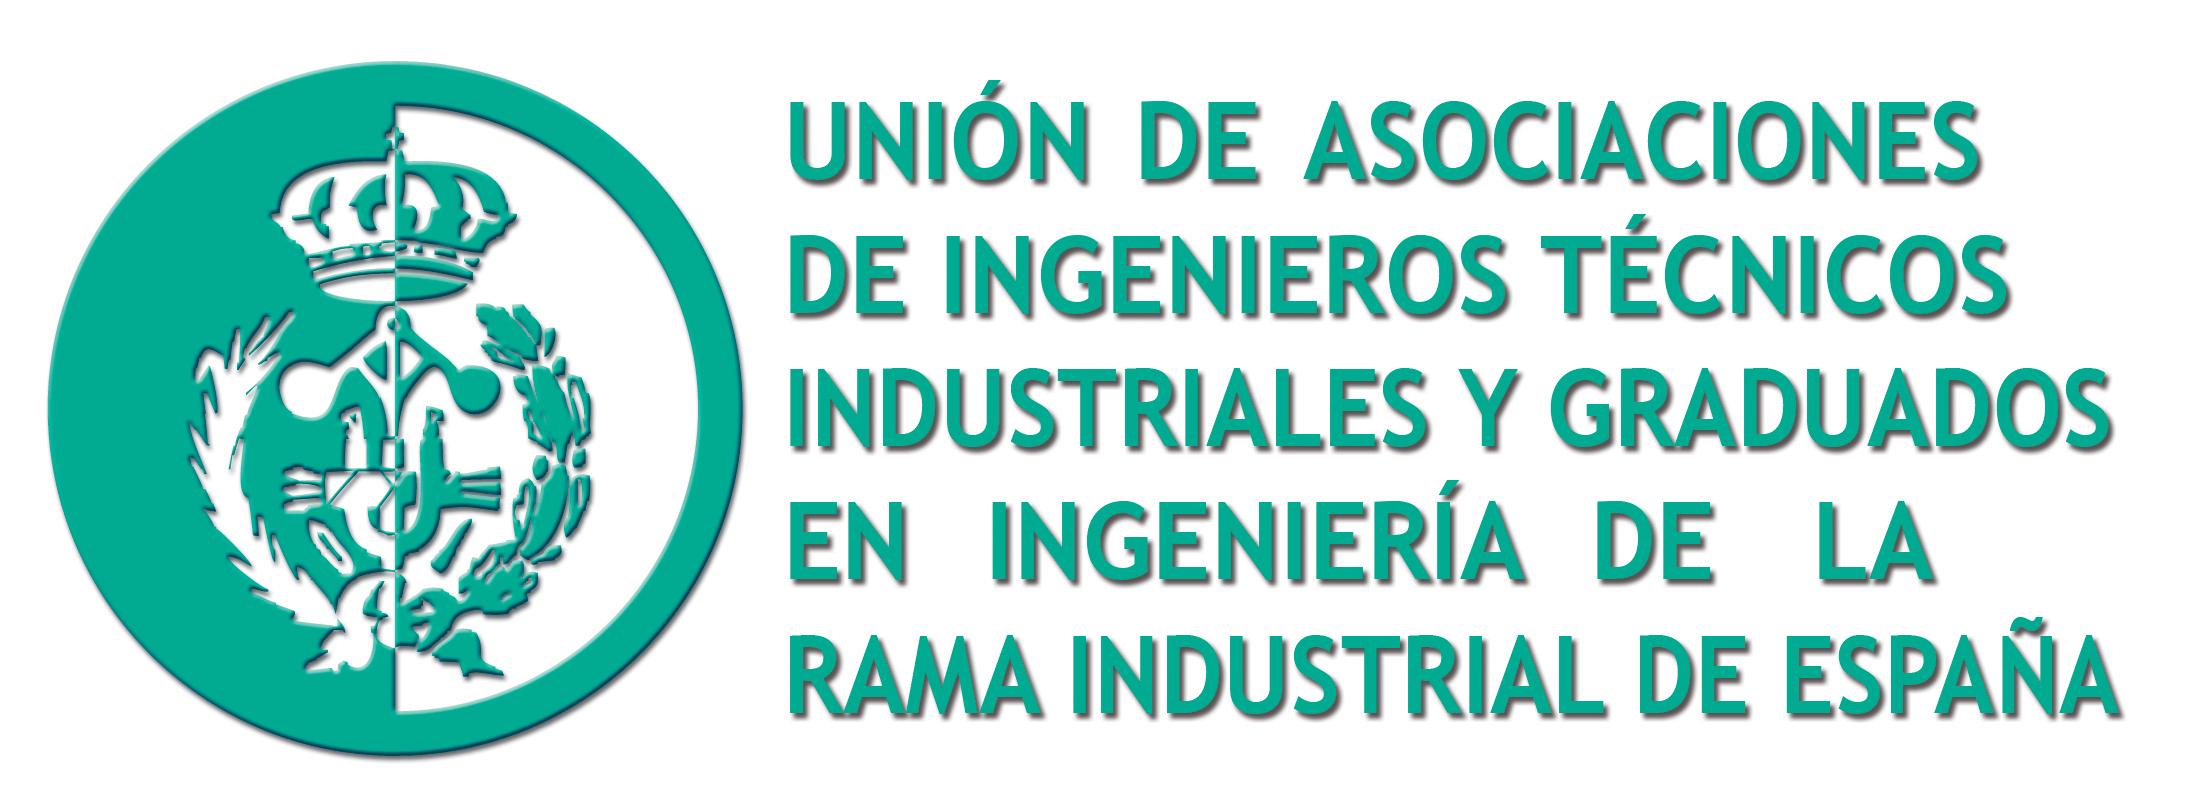 La UAITIE entrega los Premios del I Concurso Nacional de Iniciación a la Investigación Tecnológica dirigido a estudiantes de la ESO y Bachillerato